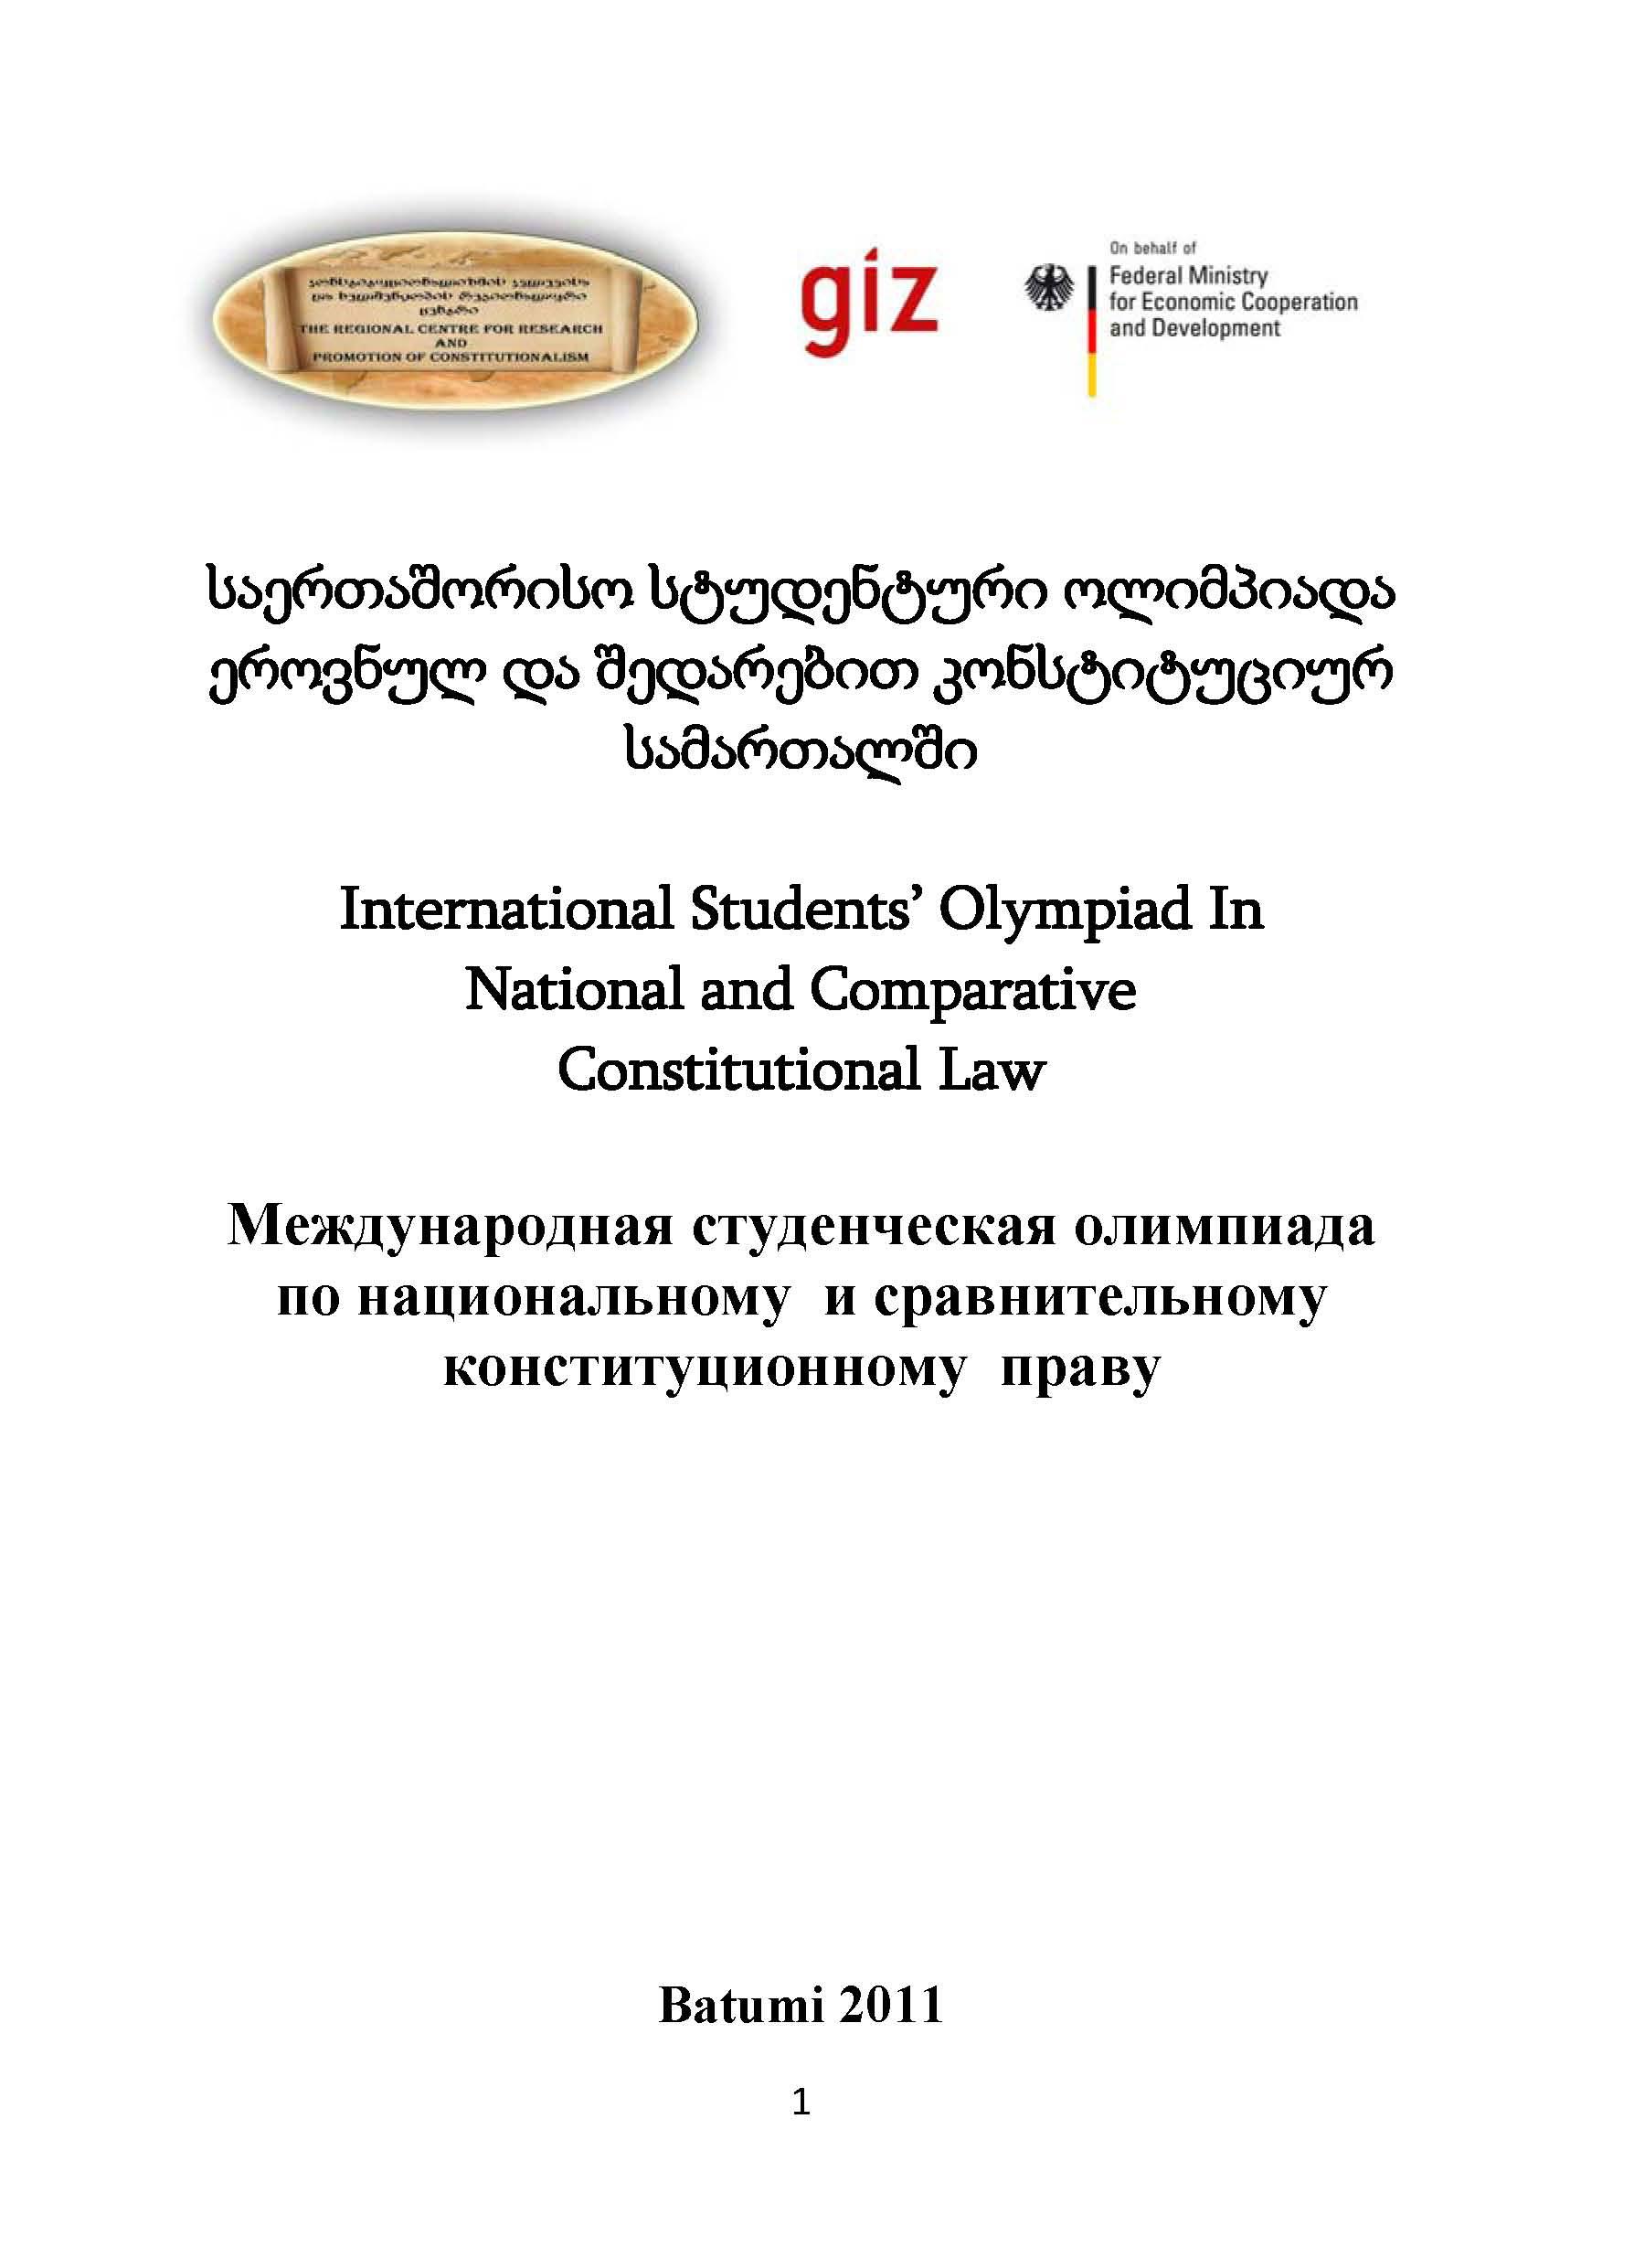 Сборник статей Международной студенческой олимпиады по национальному и сравнительному конституционному праву